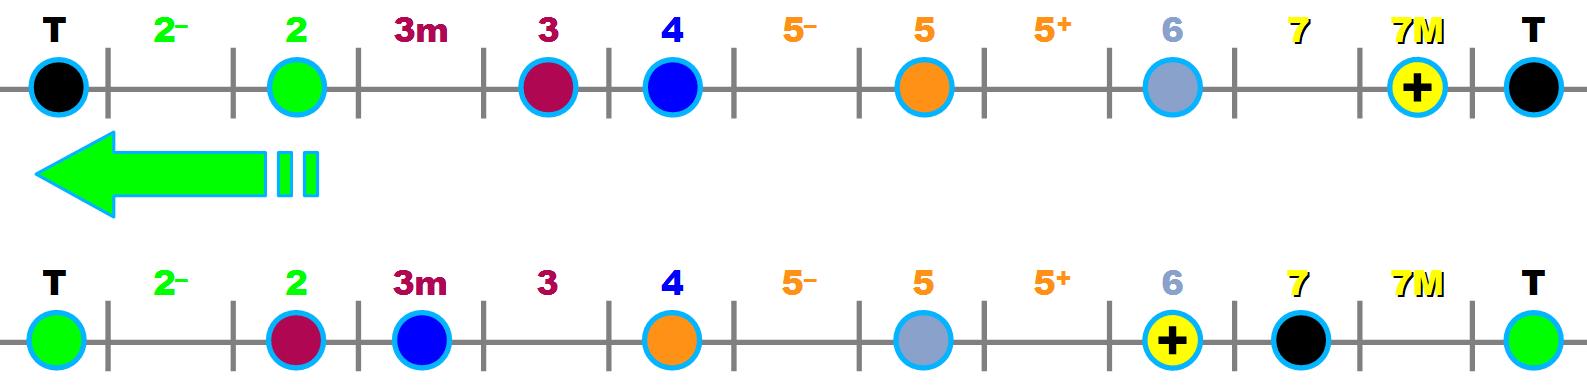 Comparaison degré I / degré II de la gamme majeure